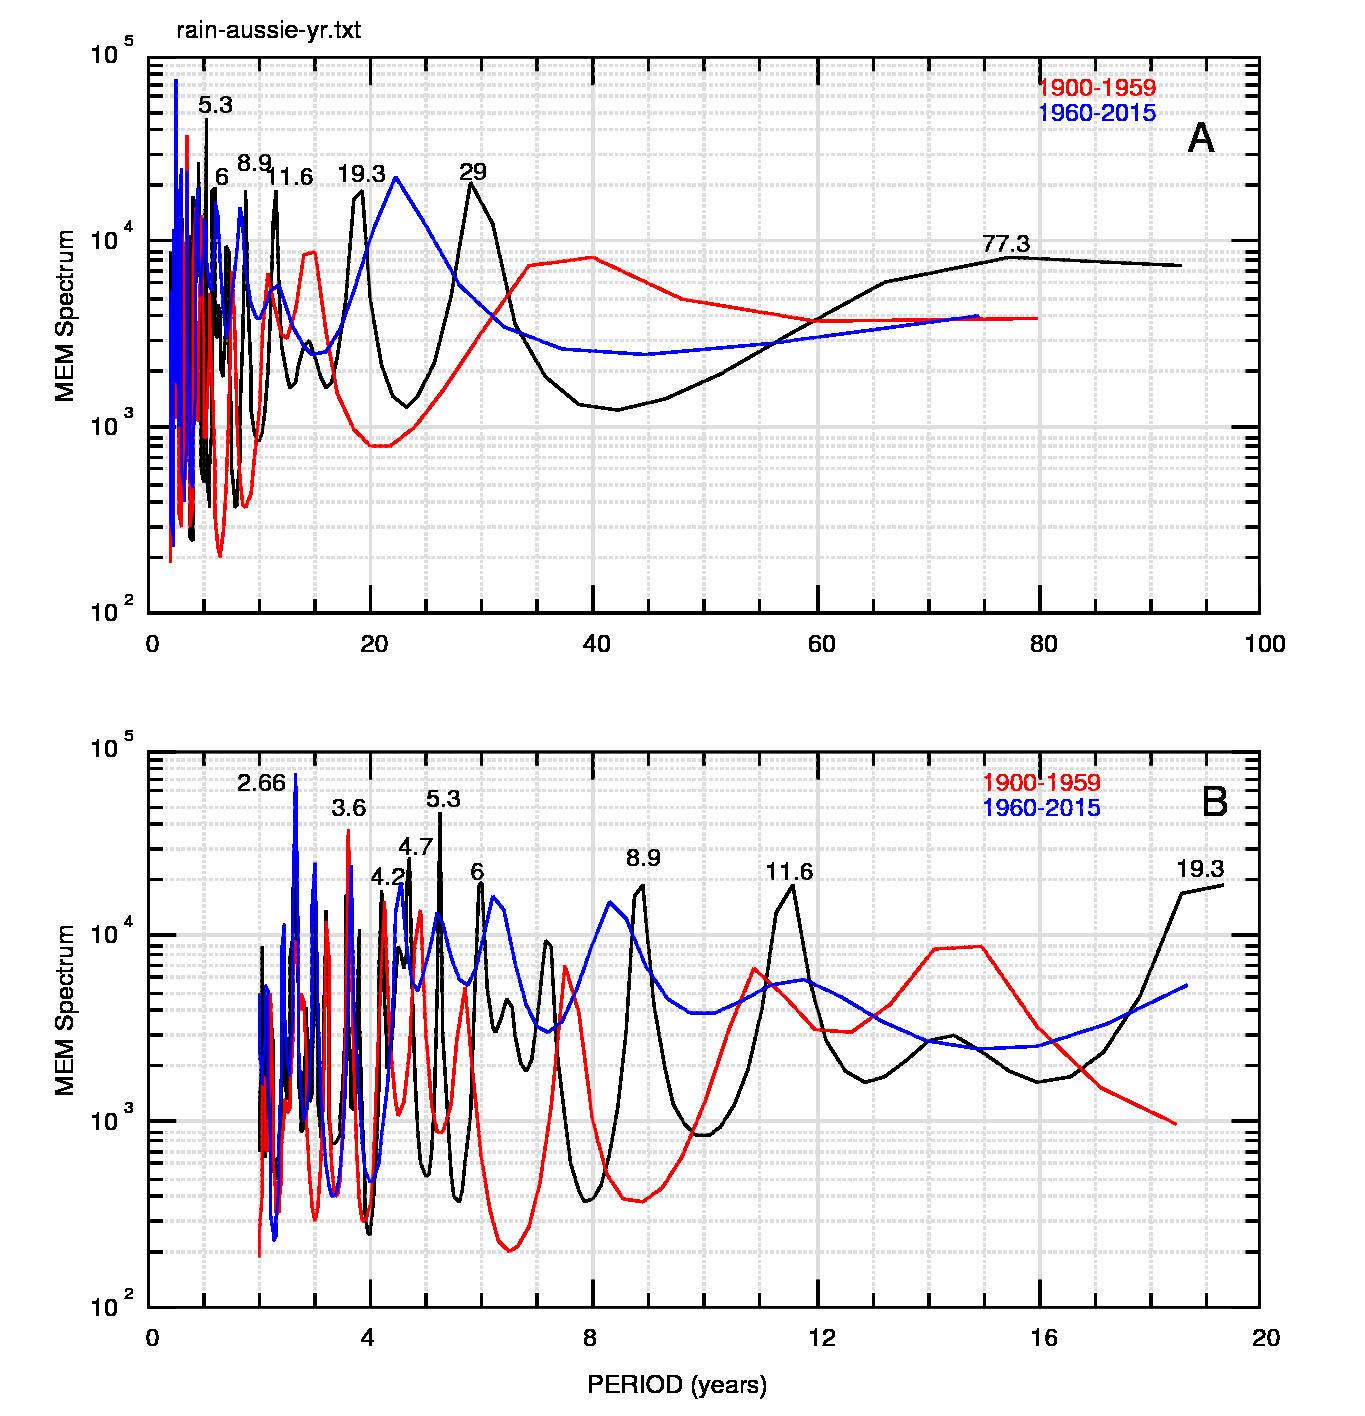 Fig.2: A)Spettri MEM delle due parti del dataset: 1900-59 (rosso) e 1960-15 (blu) confrontati con lo spettro di tutti i dati (nero) per il quale sono indicati i periodi dei massimi, in anni. B) ingrandimento della parte iniziale di A).